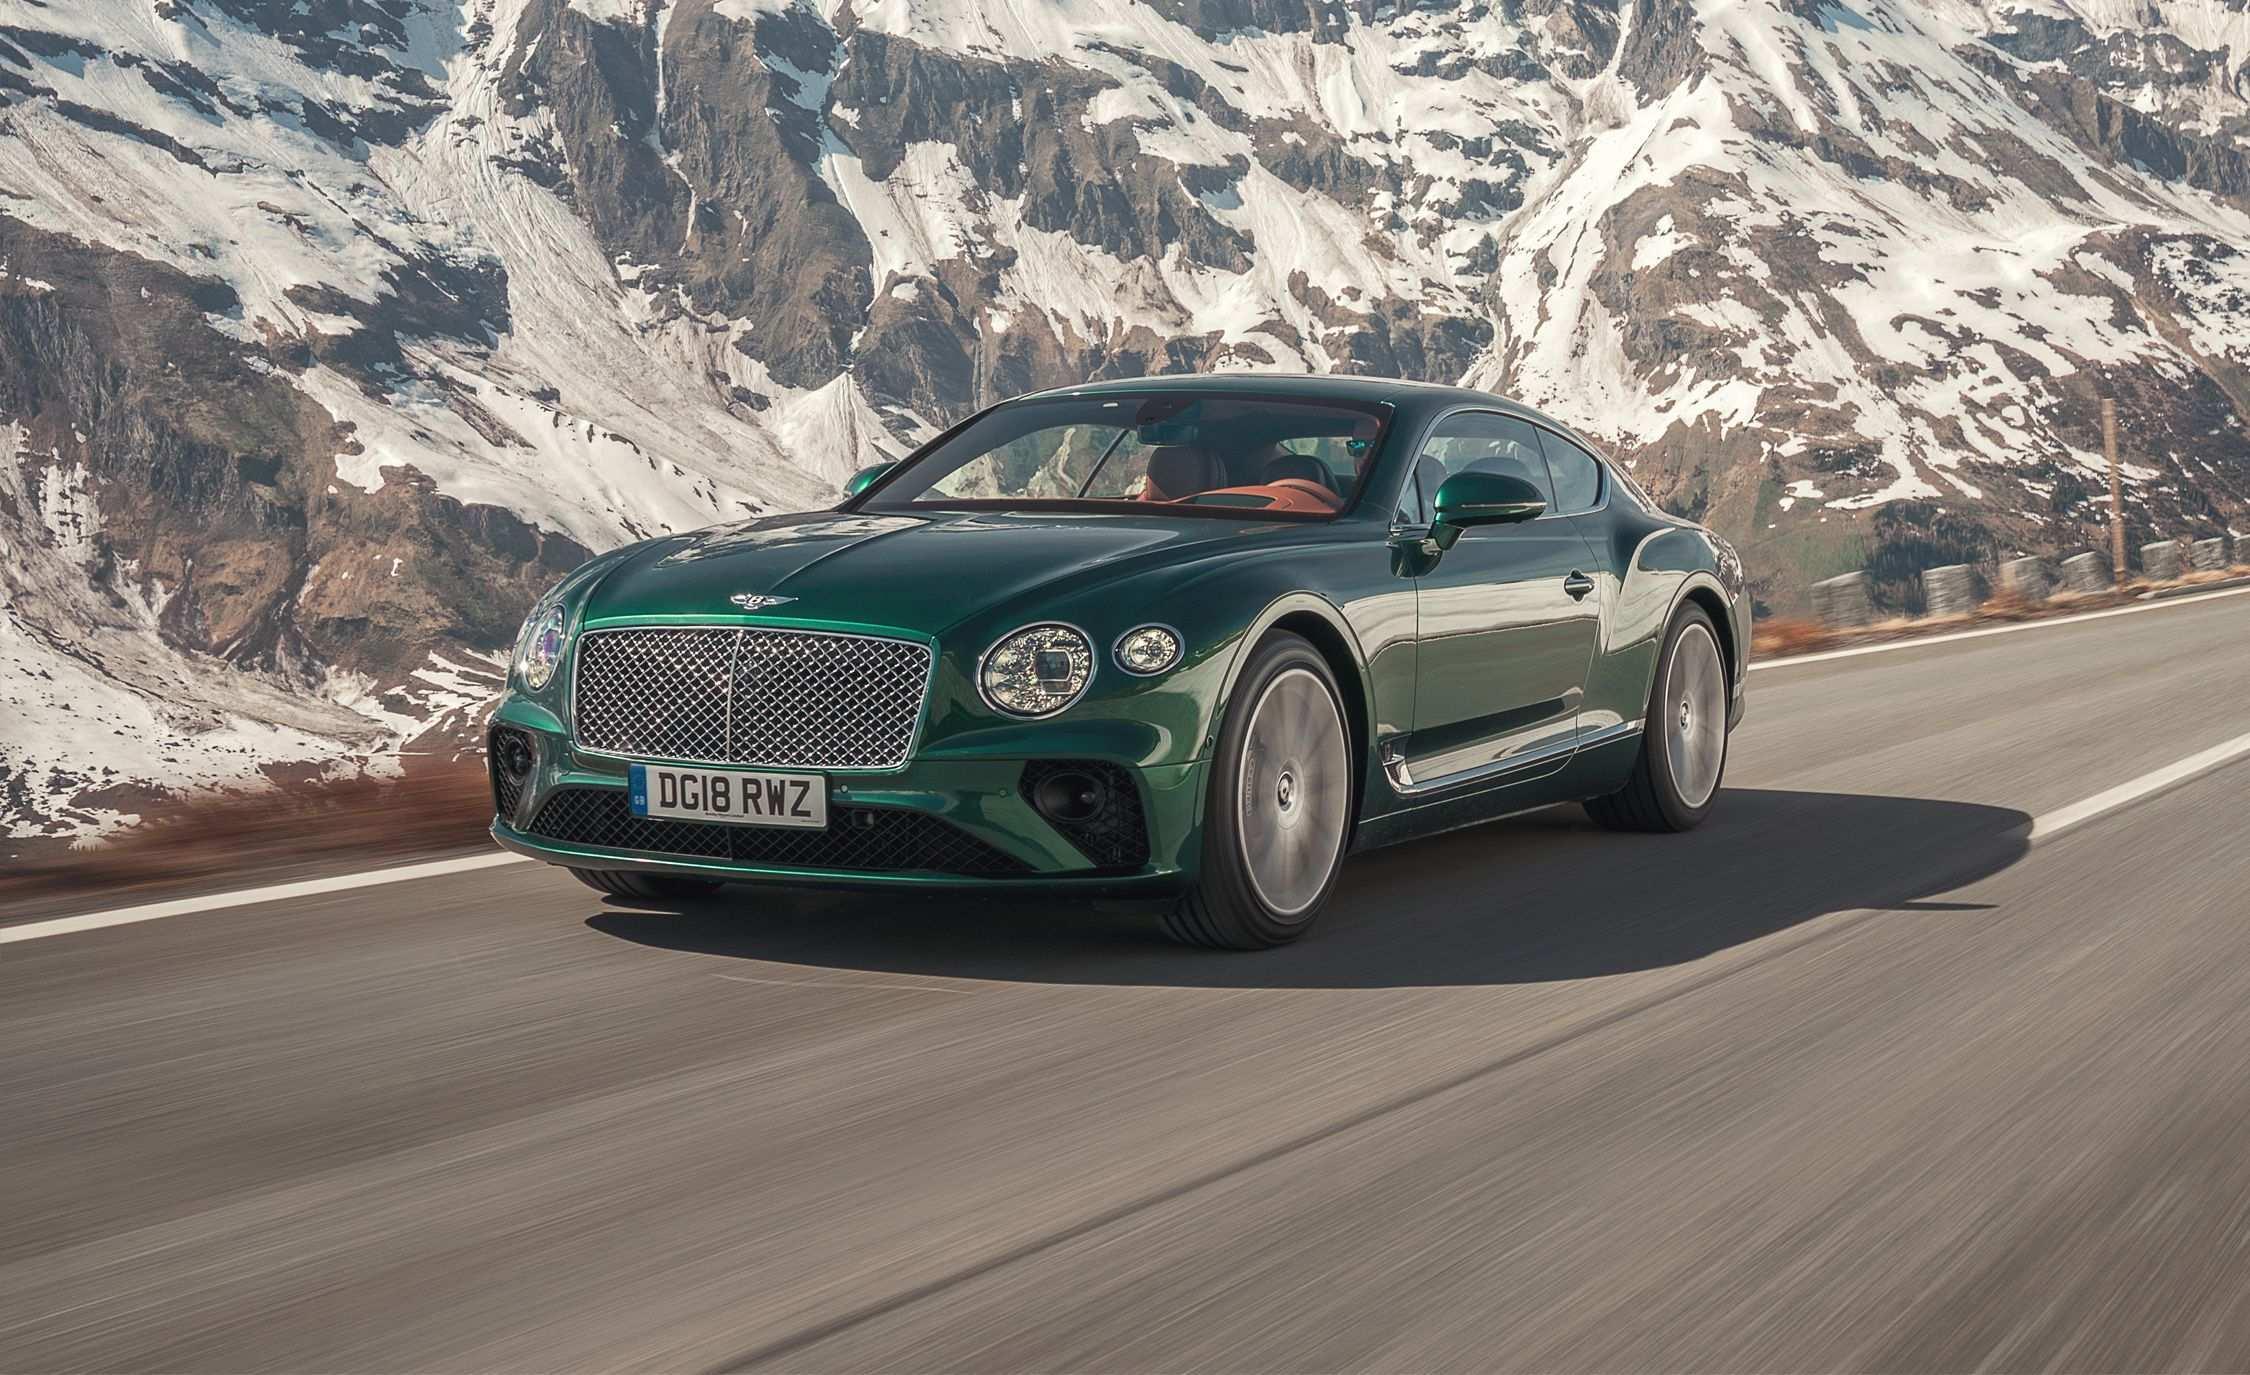 80 Great 2019 Bentley New Review with 2019 Bentley